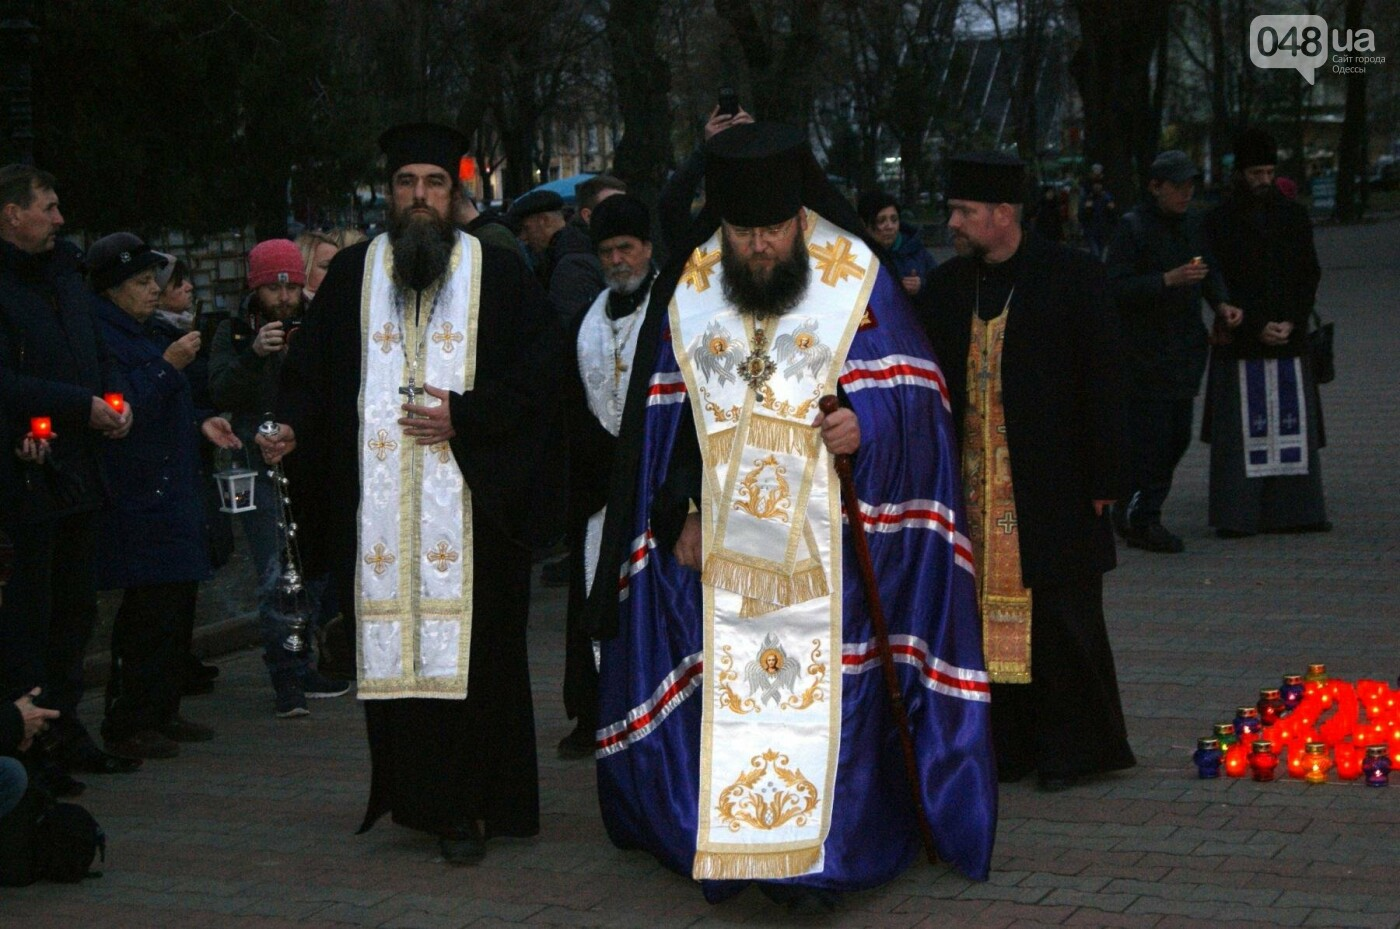 Одесситы провели трогательную акцию (ФОТО, ВИДЕО), фото-5